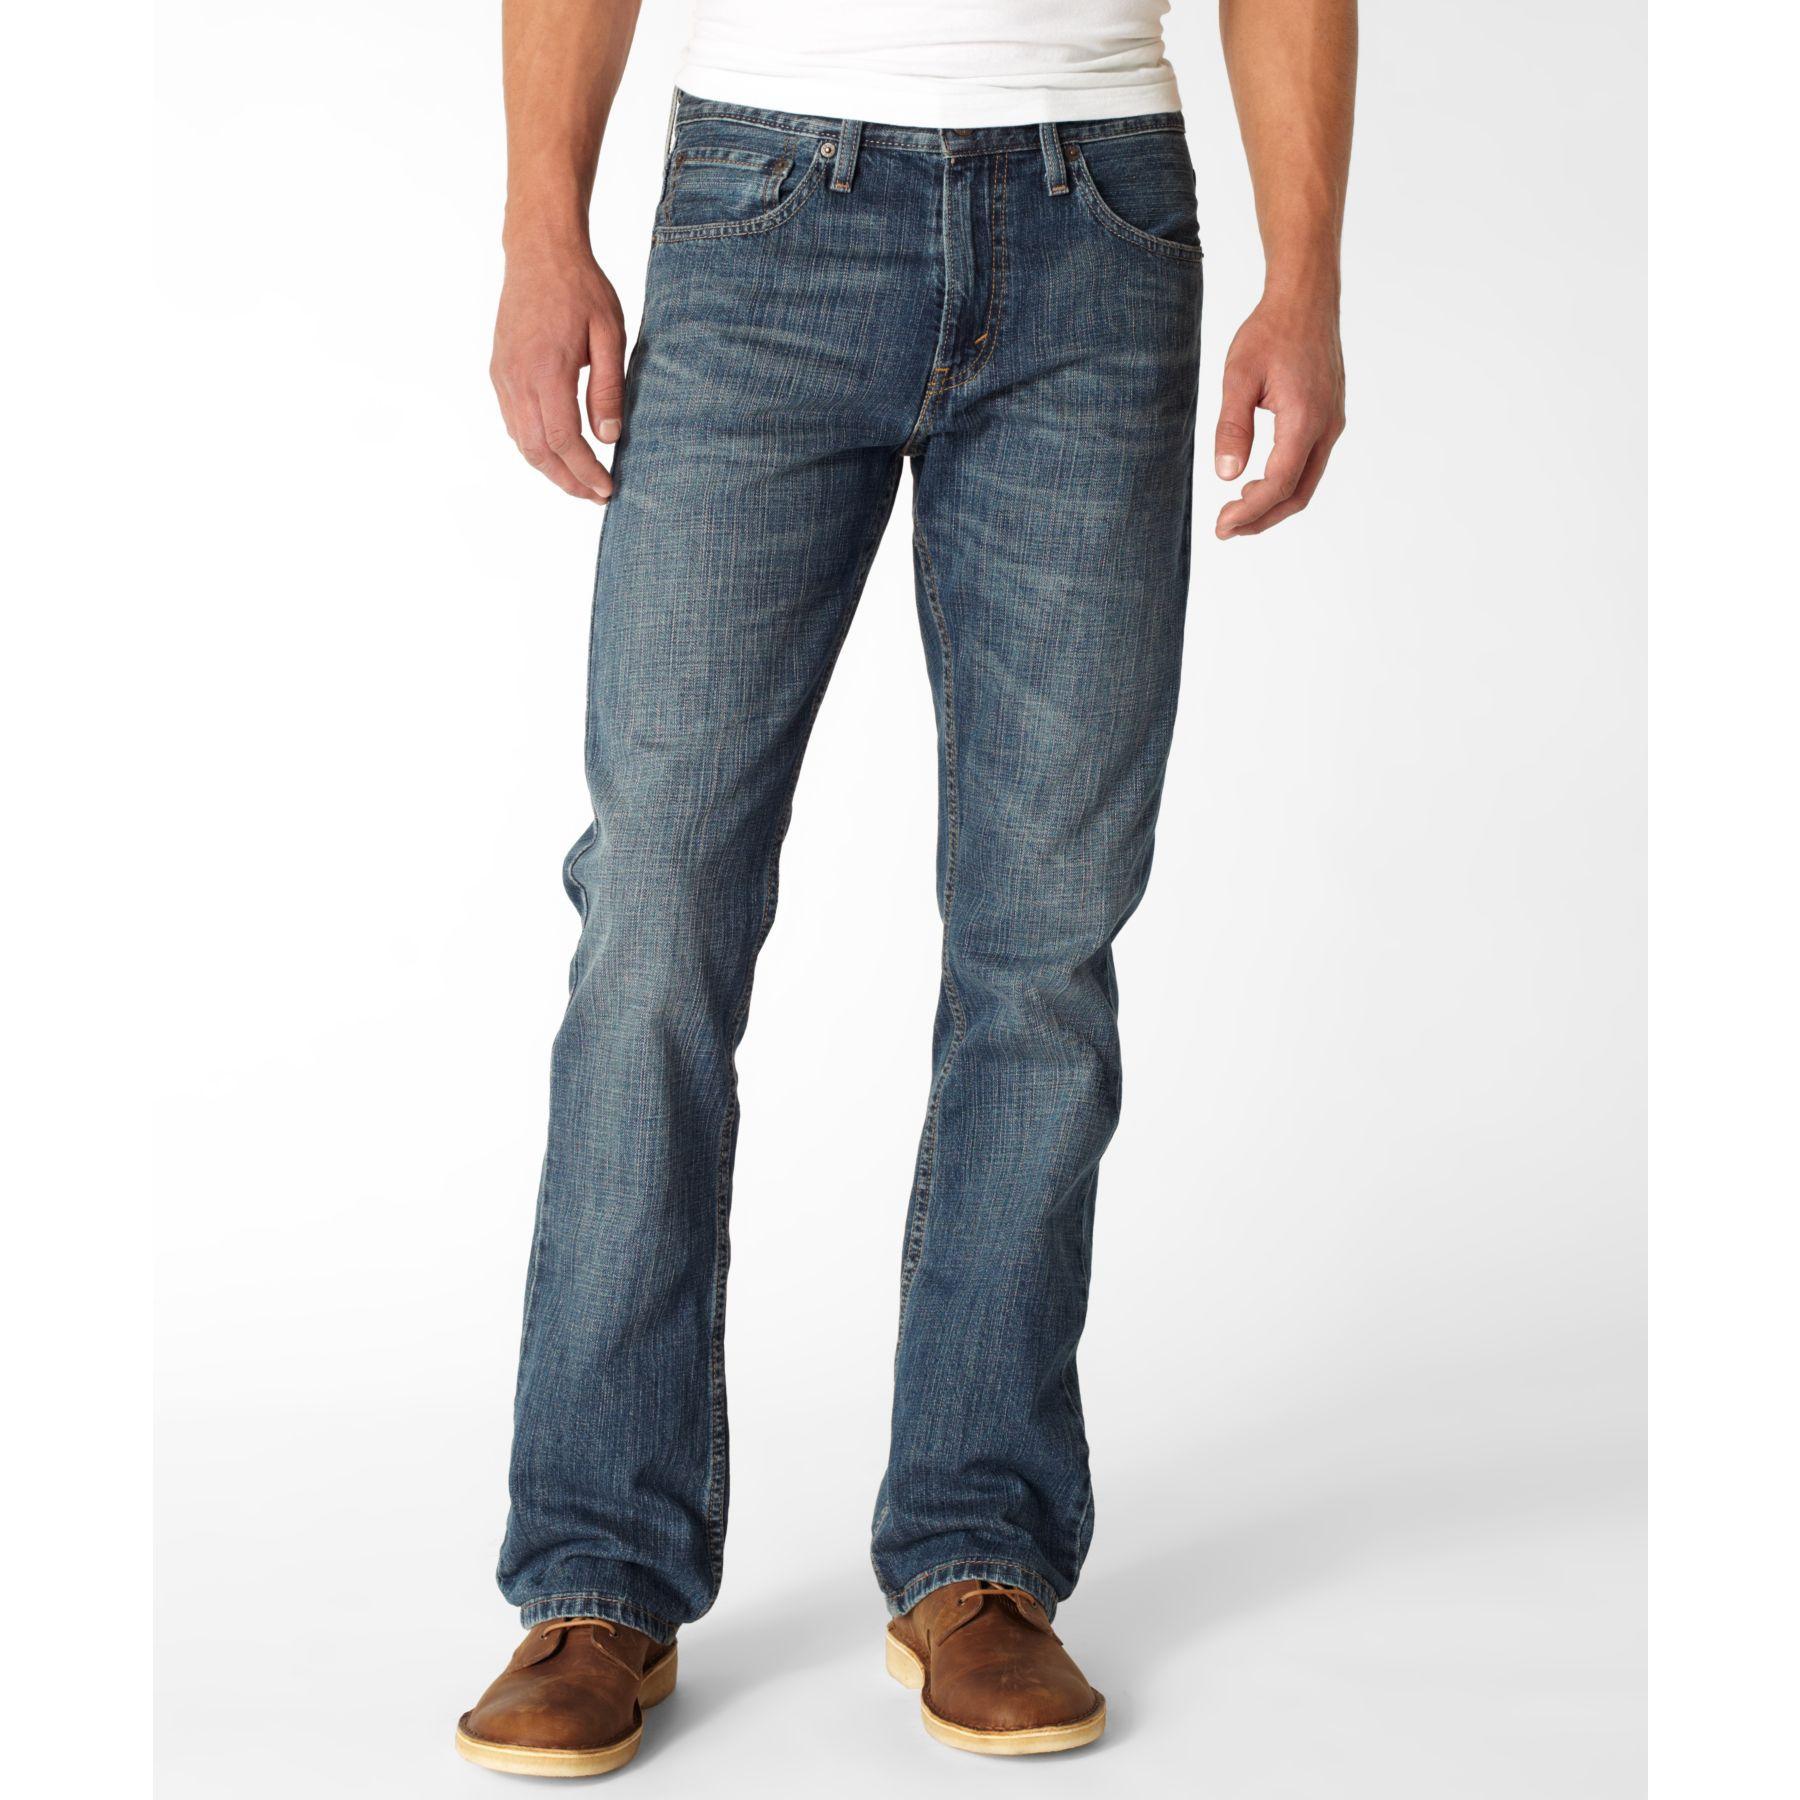 Levi's Men's 527 Bootcut Jeans